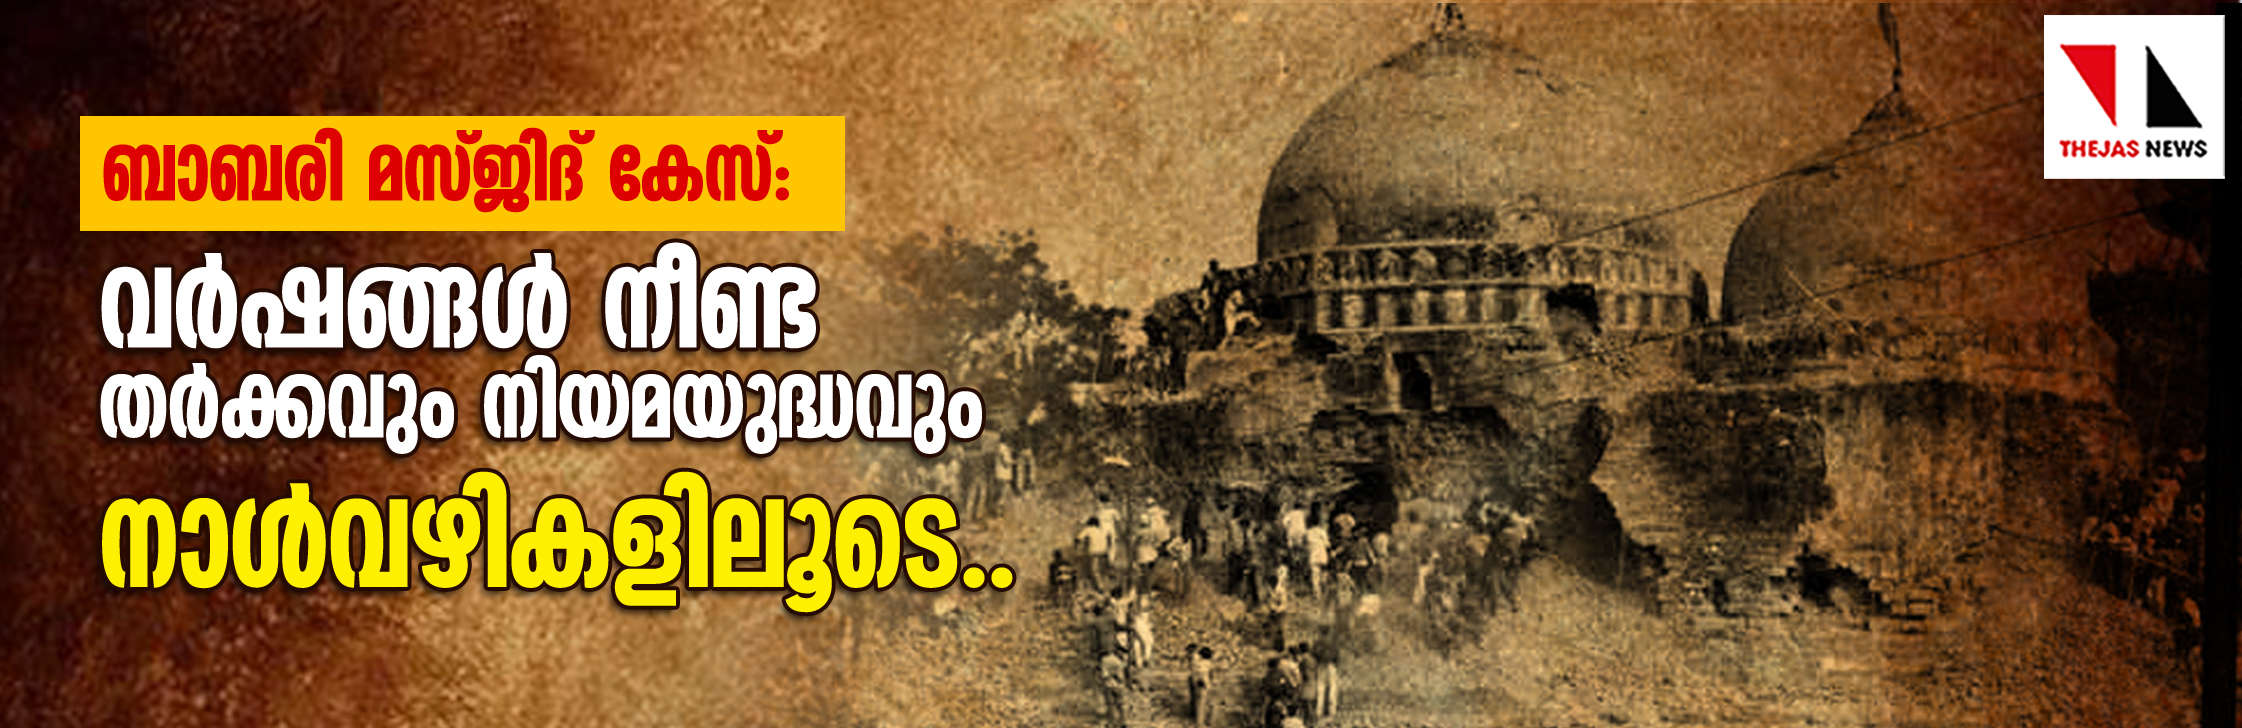 ബാബരി മസ്ജിദ് കേസ് നാള്വഴി: വര്ഷങ്ങള് നീണ്ട തര്ക്കവും നിയമയുദ്ധവും